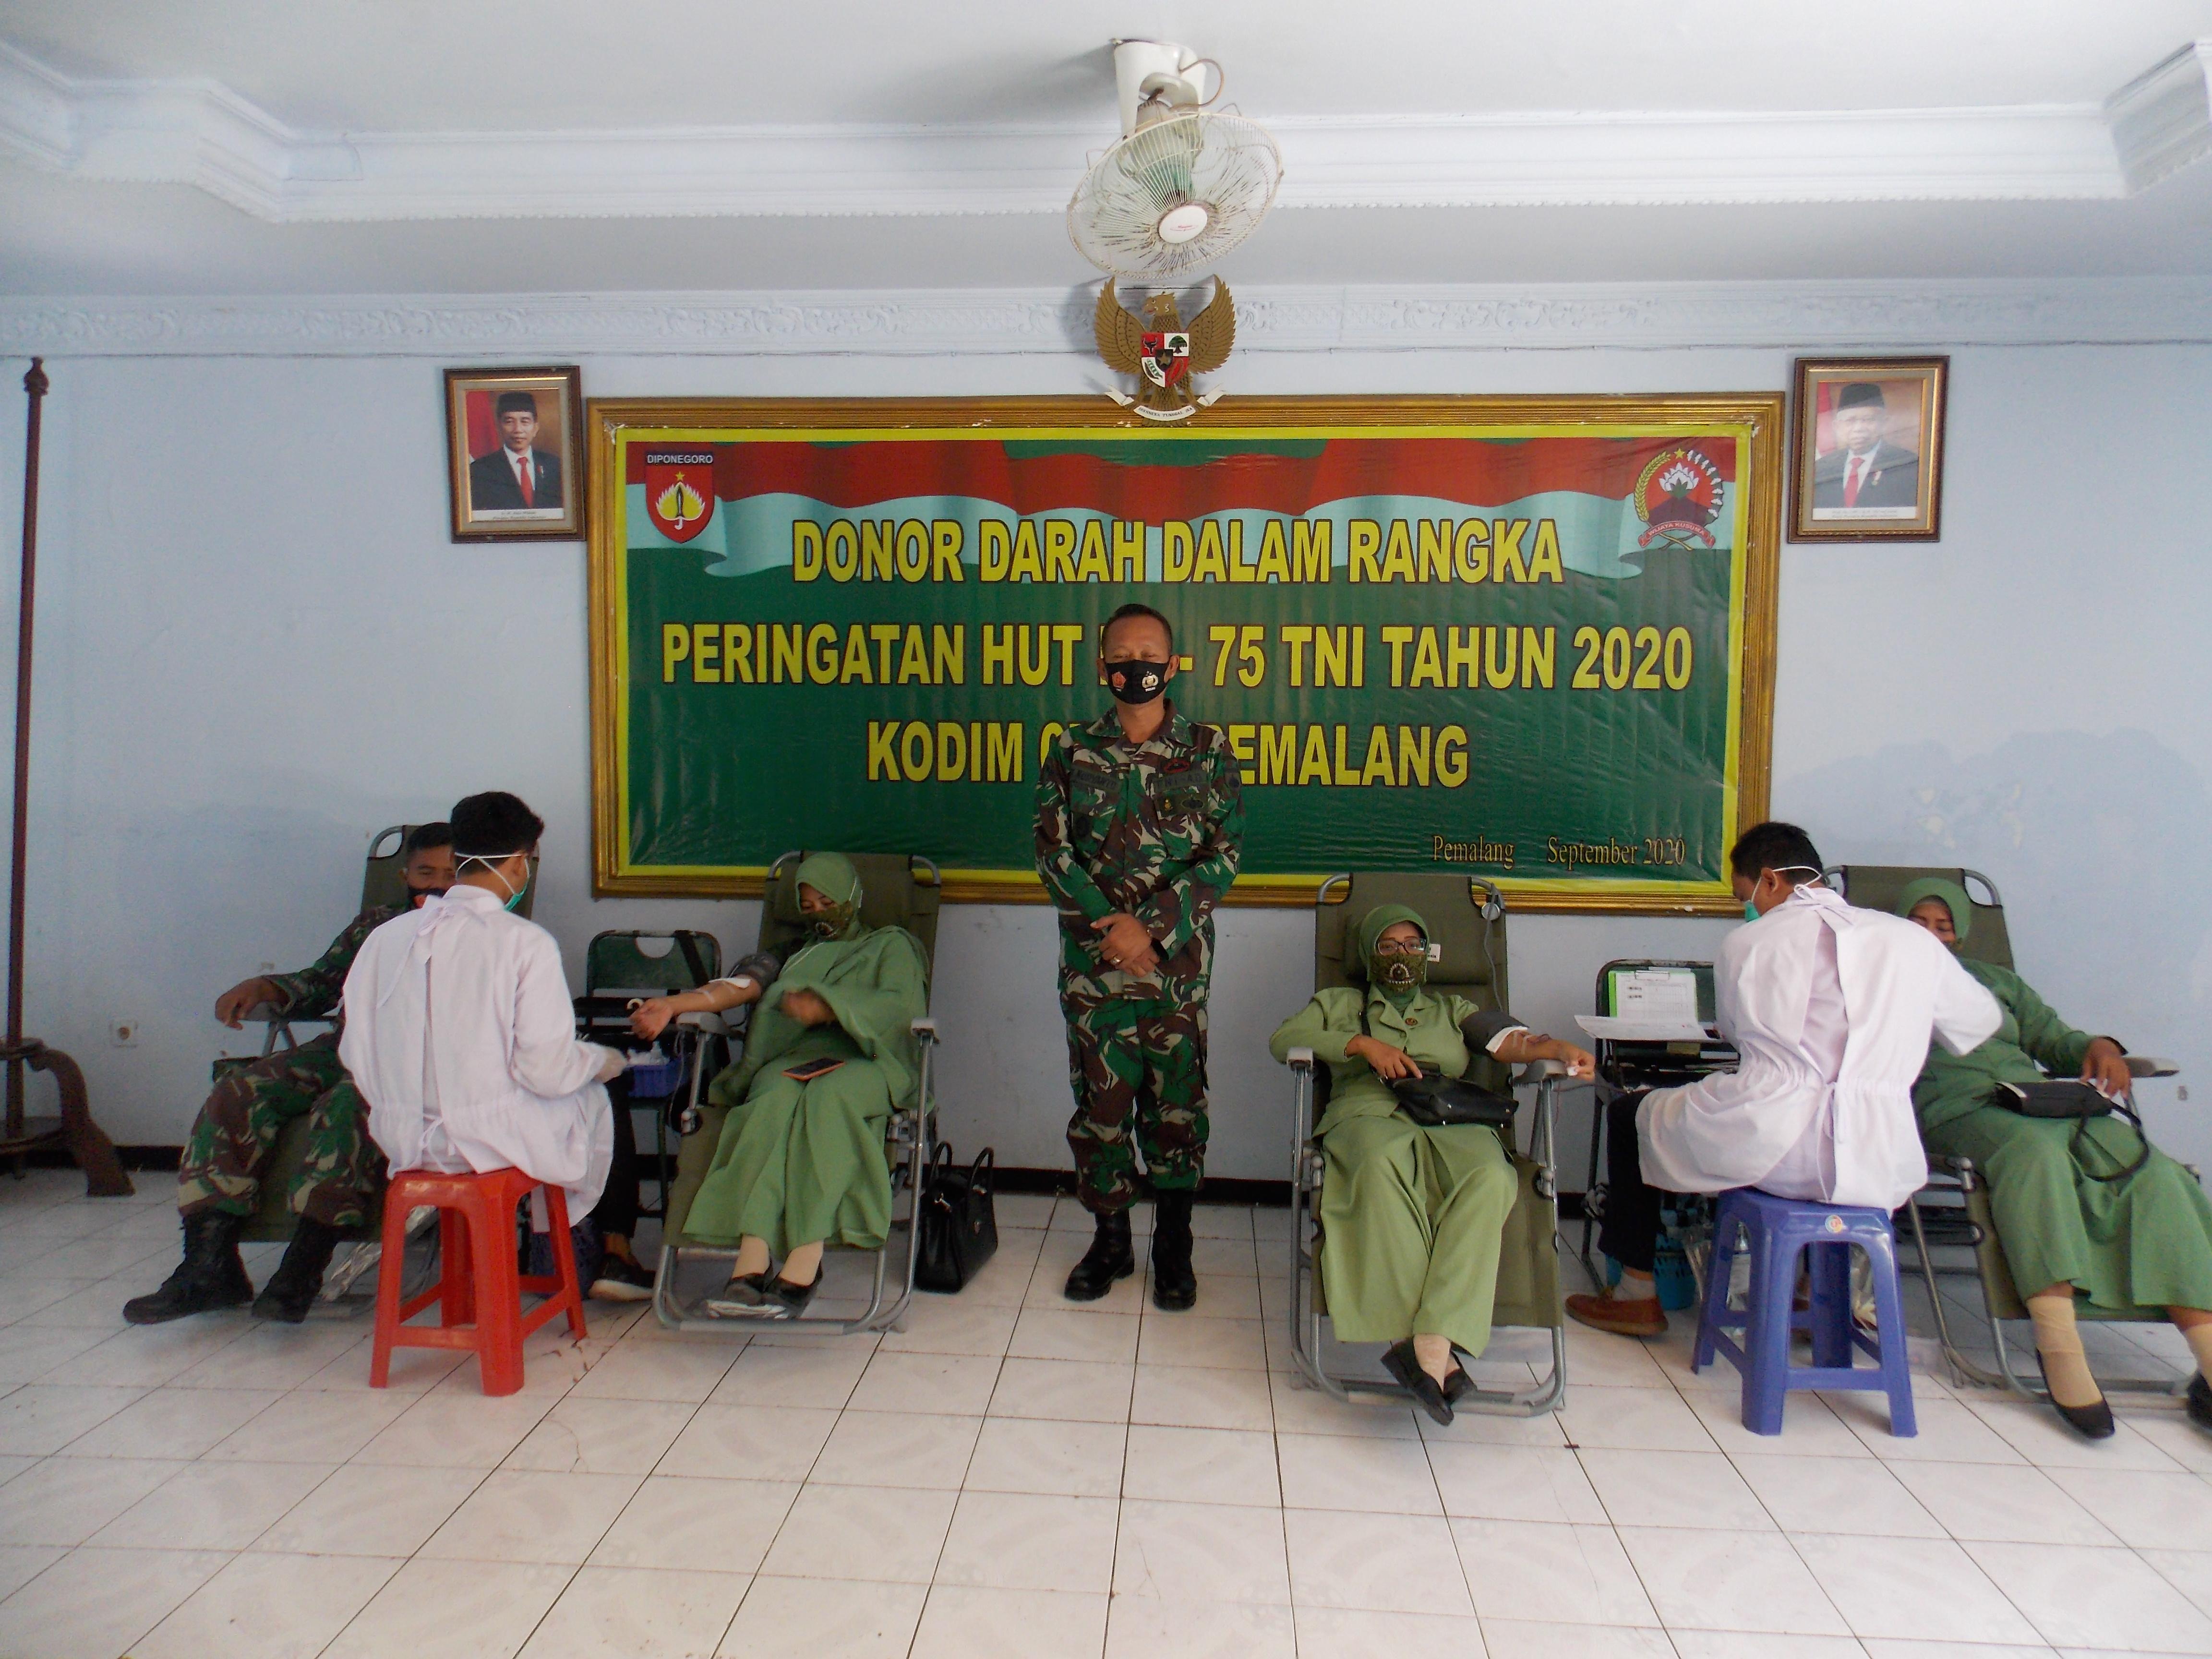 Sambut HUT TNI ke 75 Tahun 2020, Kodim Pemalang gelar Baksos Donor Darah